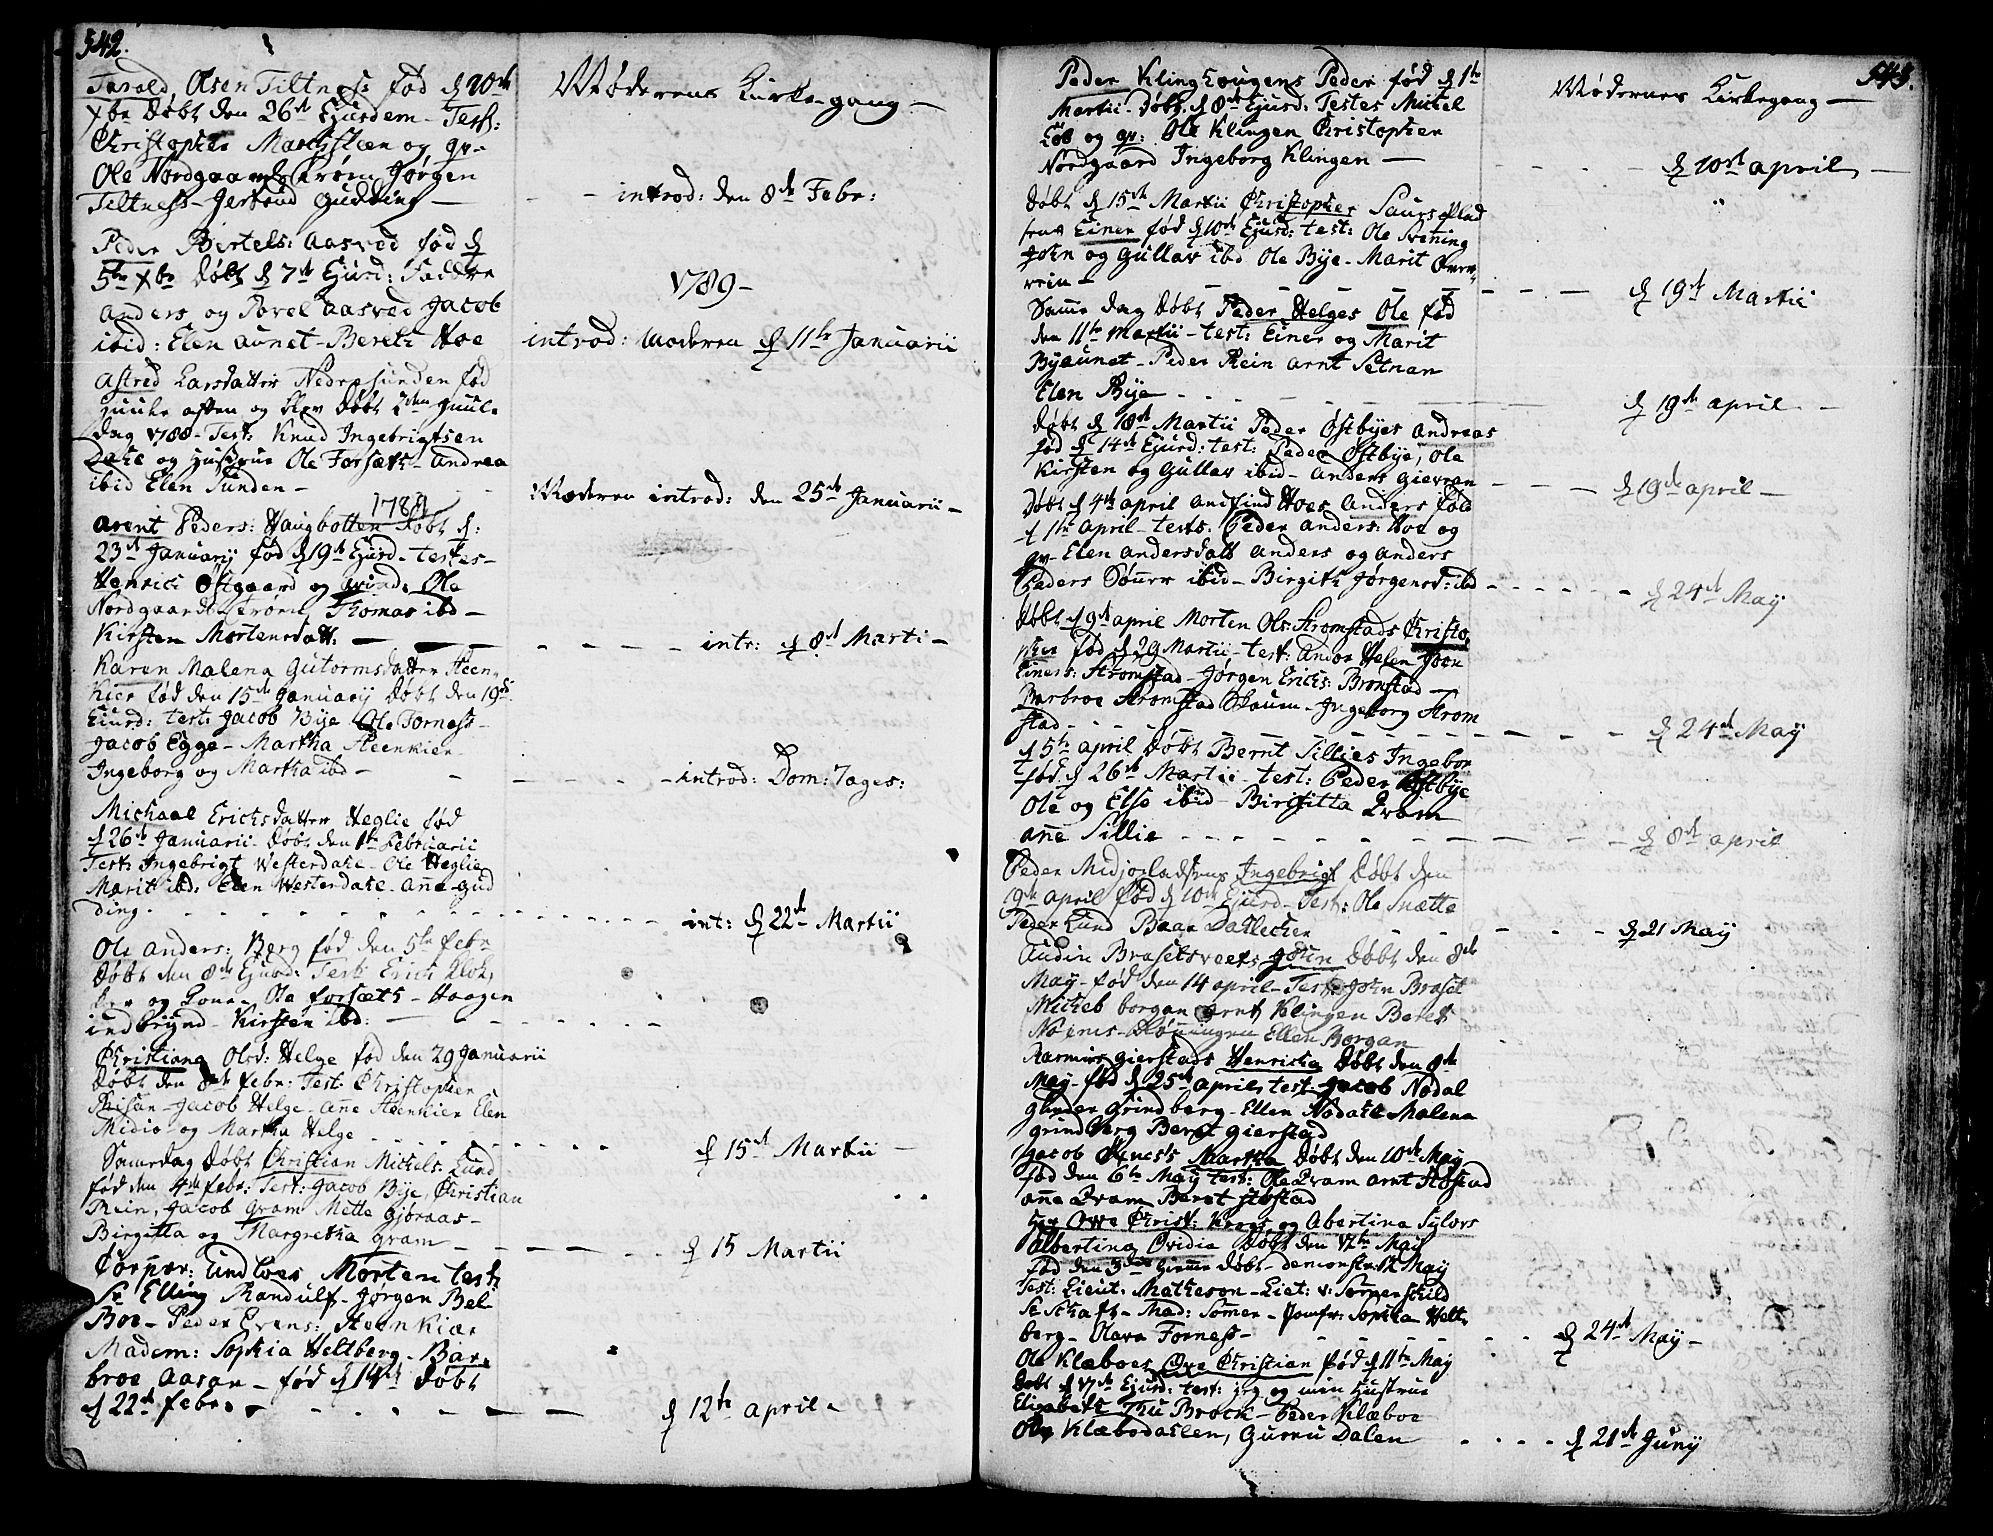 SAT, Ministerialprotokoller, klokkerbøker og fødselsregistre - Nord-Trøndelag, 746/L0440: Ministerialbok nr. 746A02, 1760-1815, s. 542-543